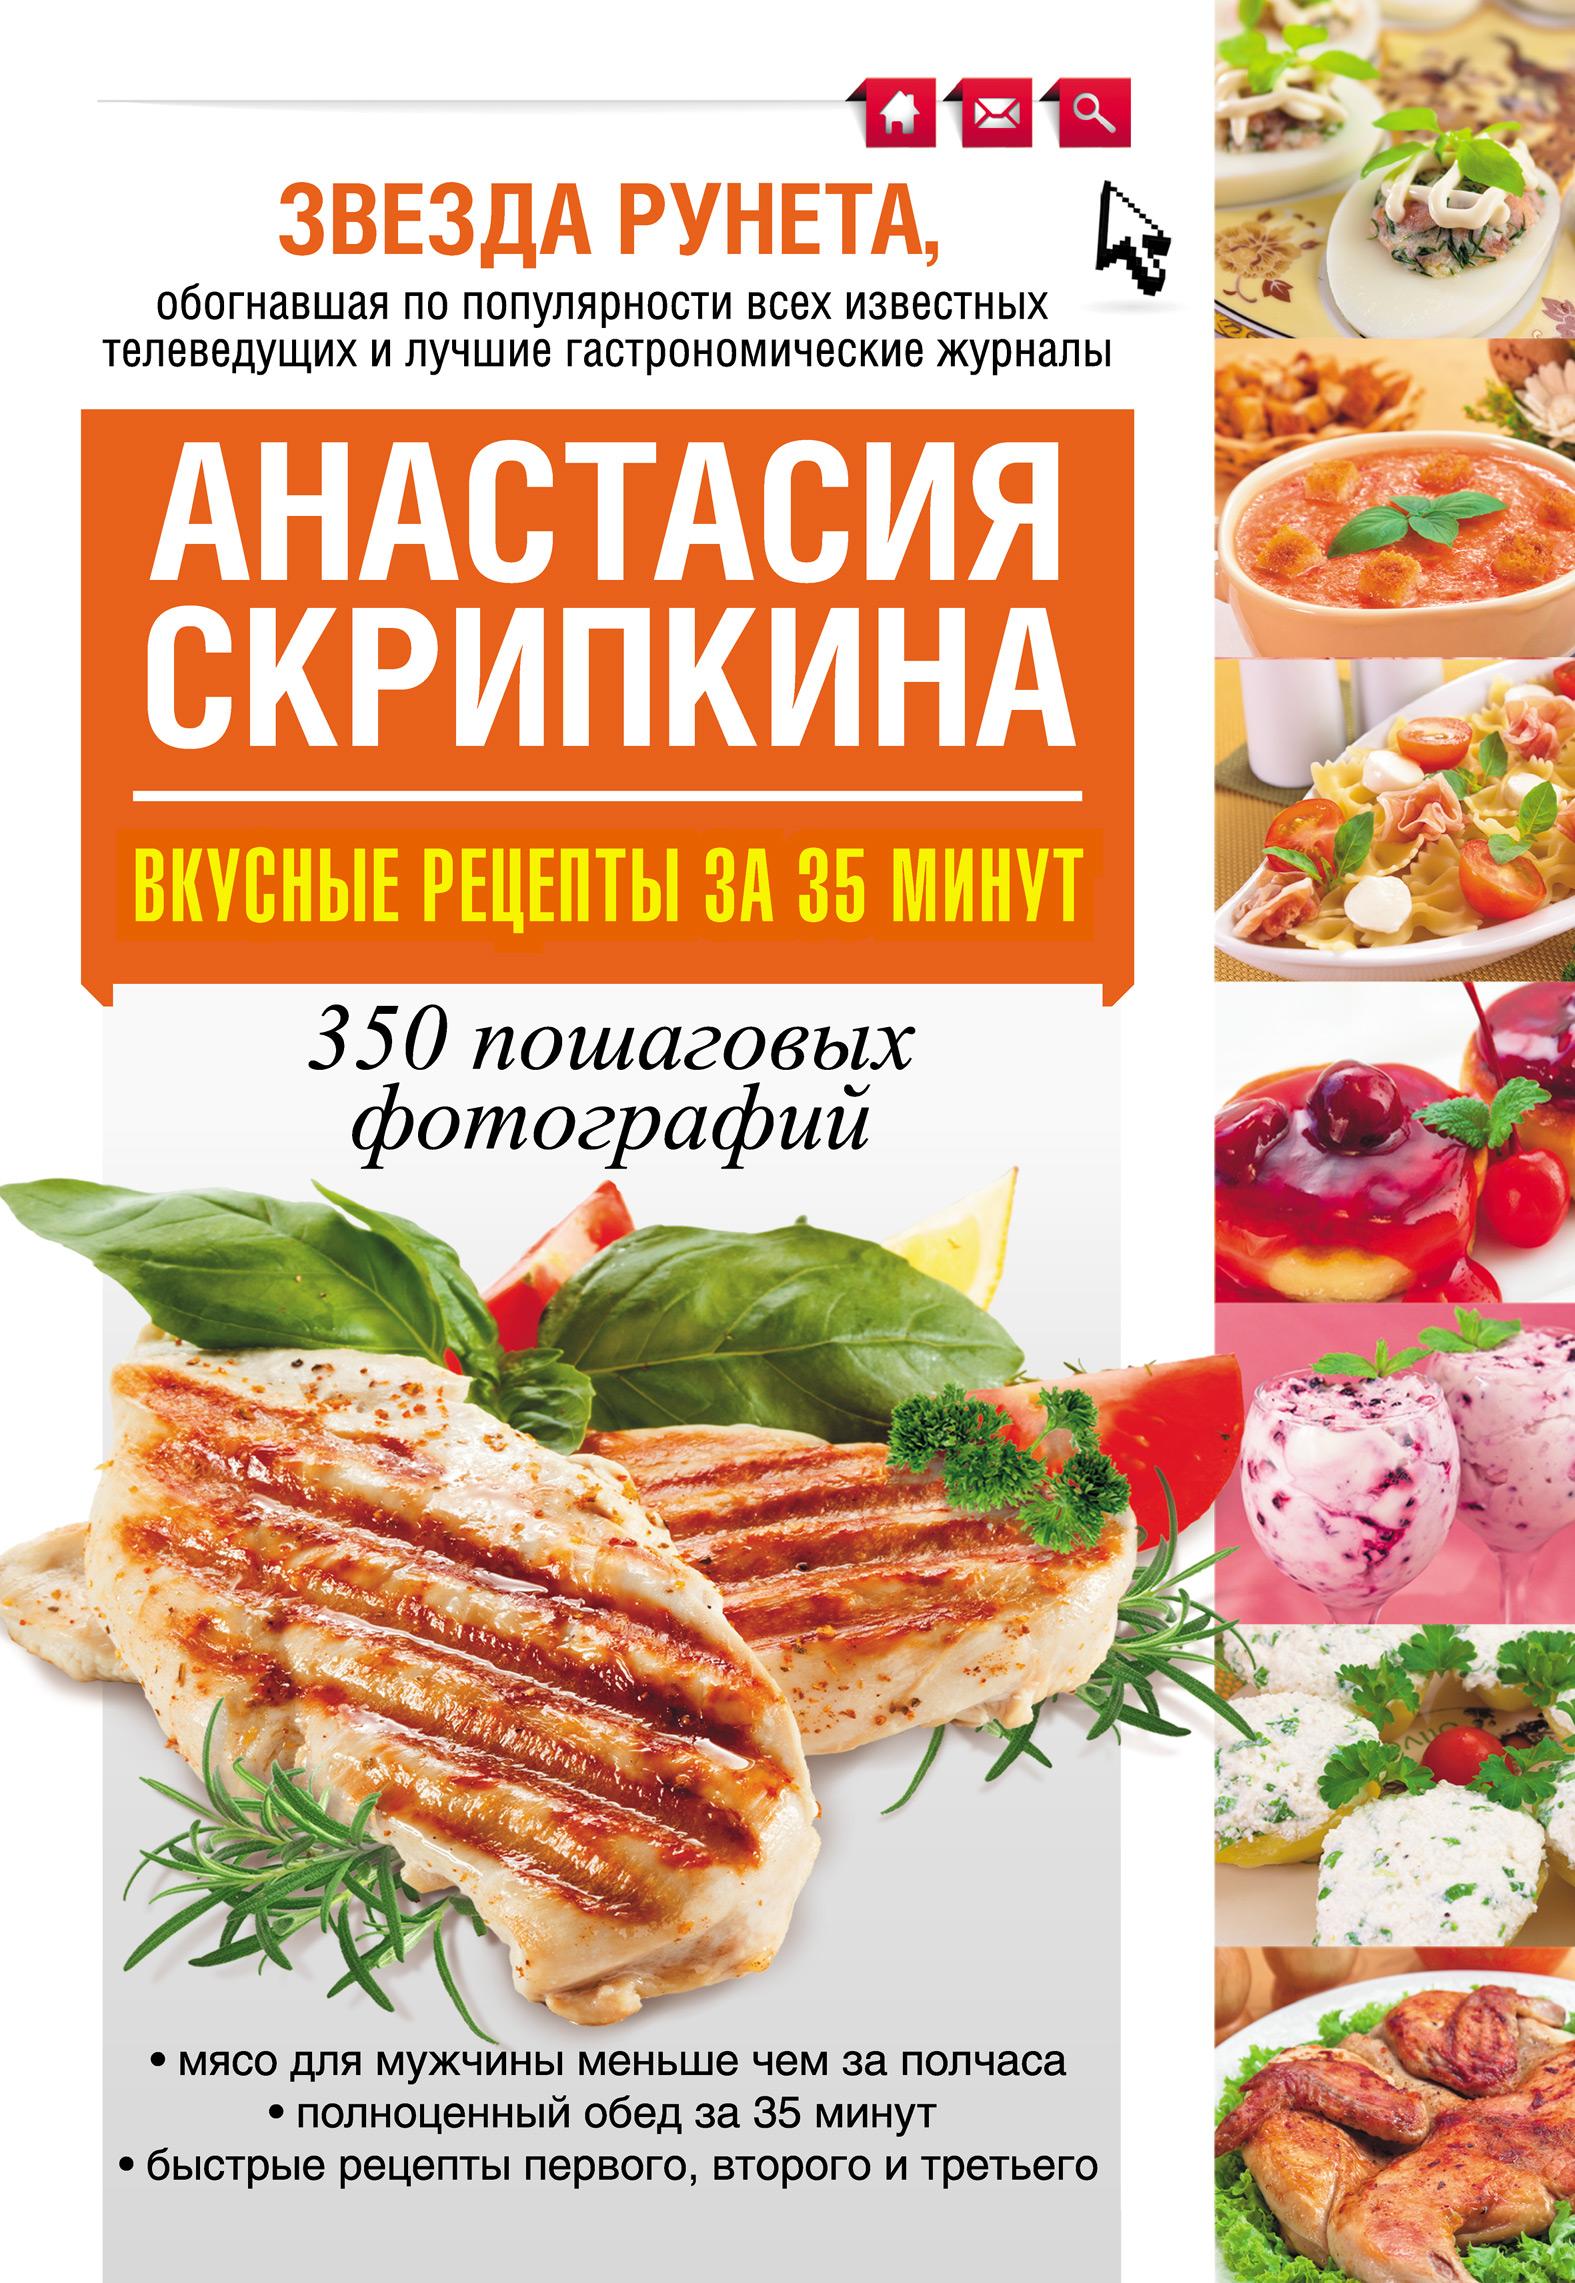 Анастасия Скрипкина Вкусные рецепты за 35 минут. 350 пошаговых фотографий